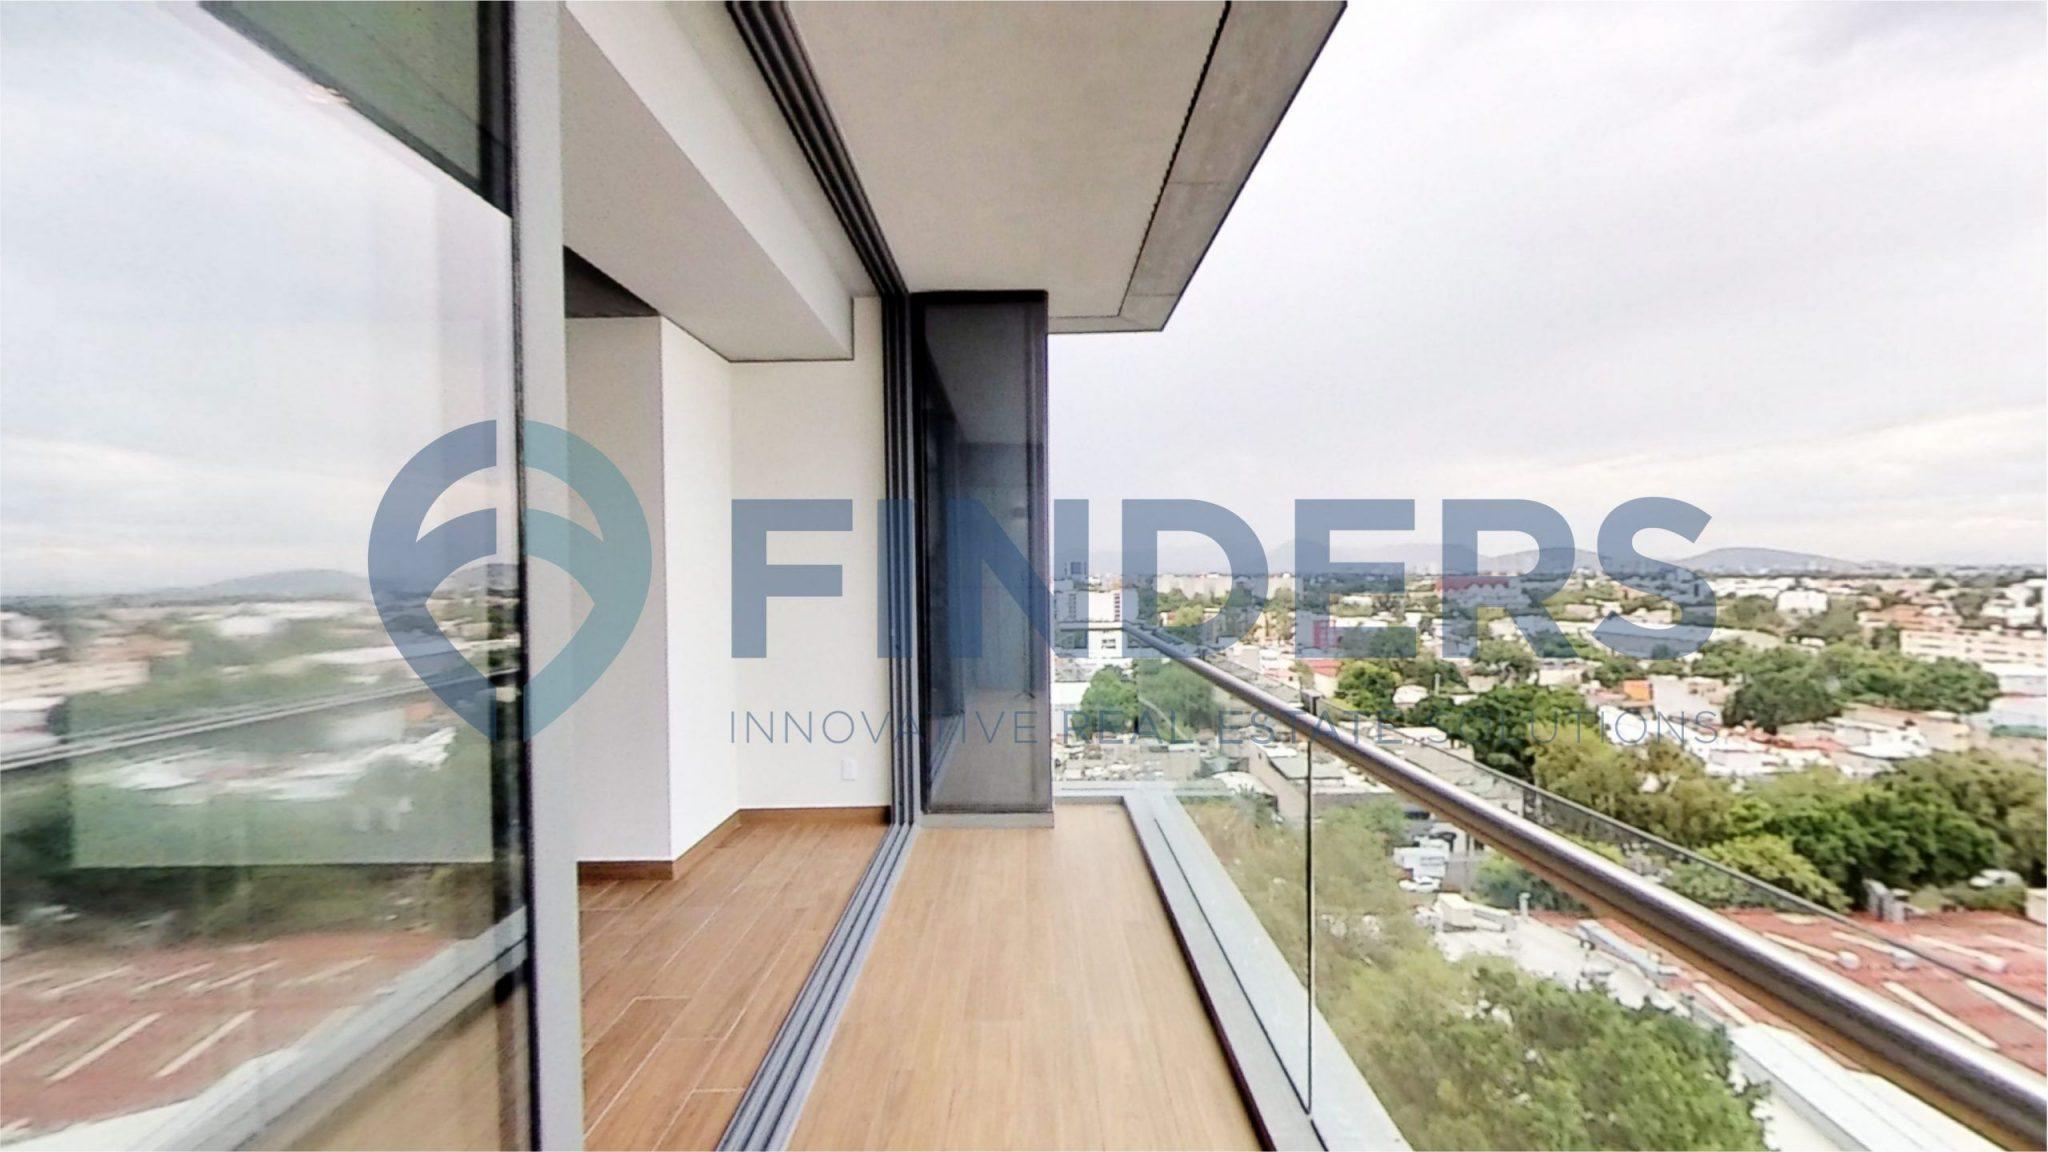 Venta departamento de 3 recámaras en Be Grand Alto Polanco Torre 3, Colonia Granada, Miguel Hidalgo, CDMX. Amplio balcon terraza